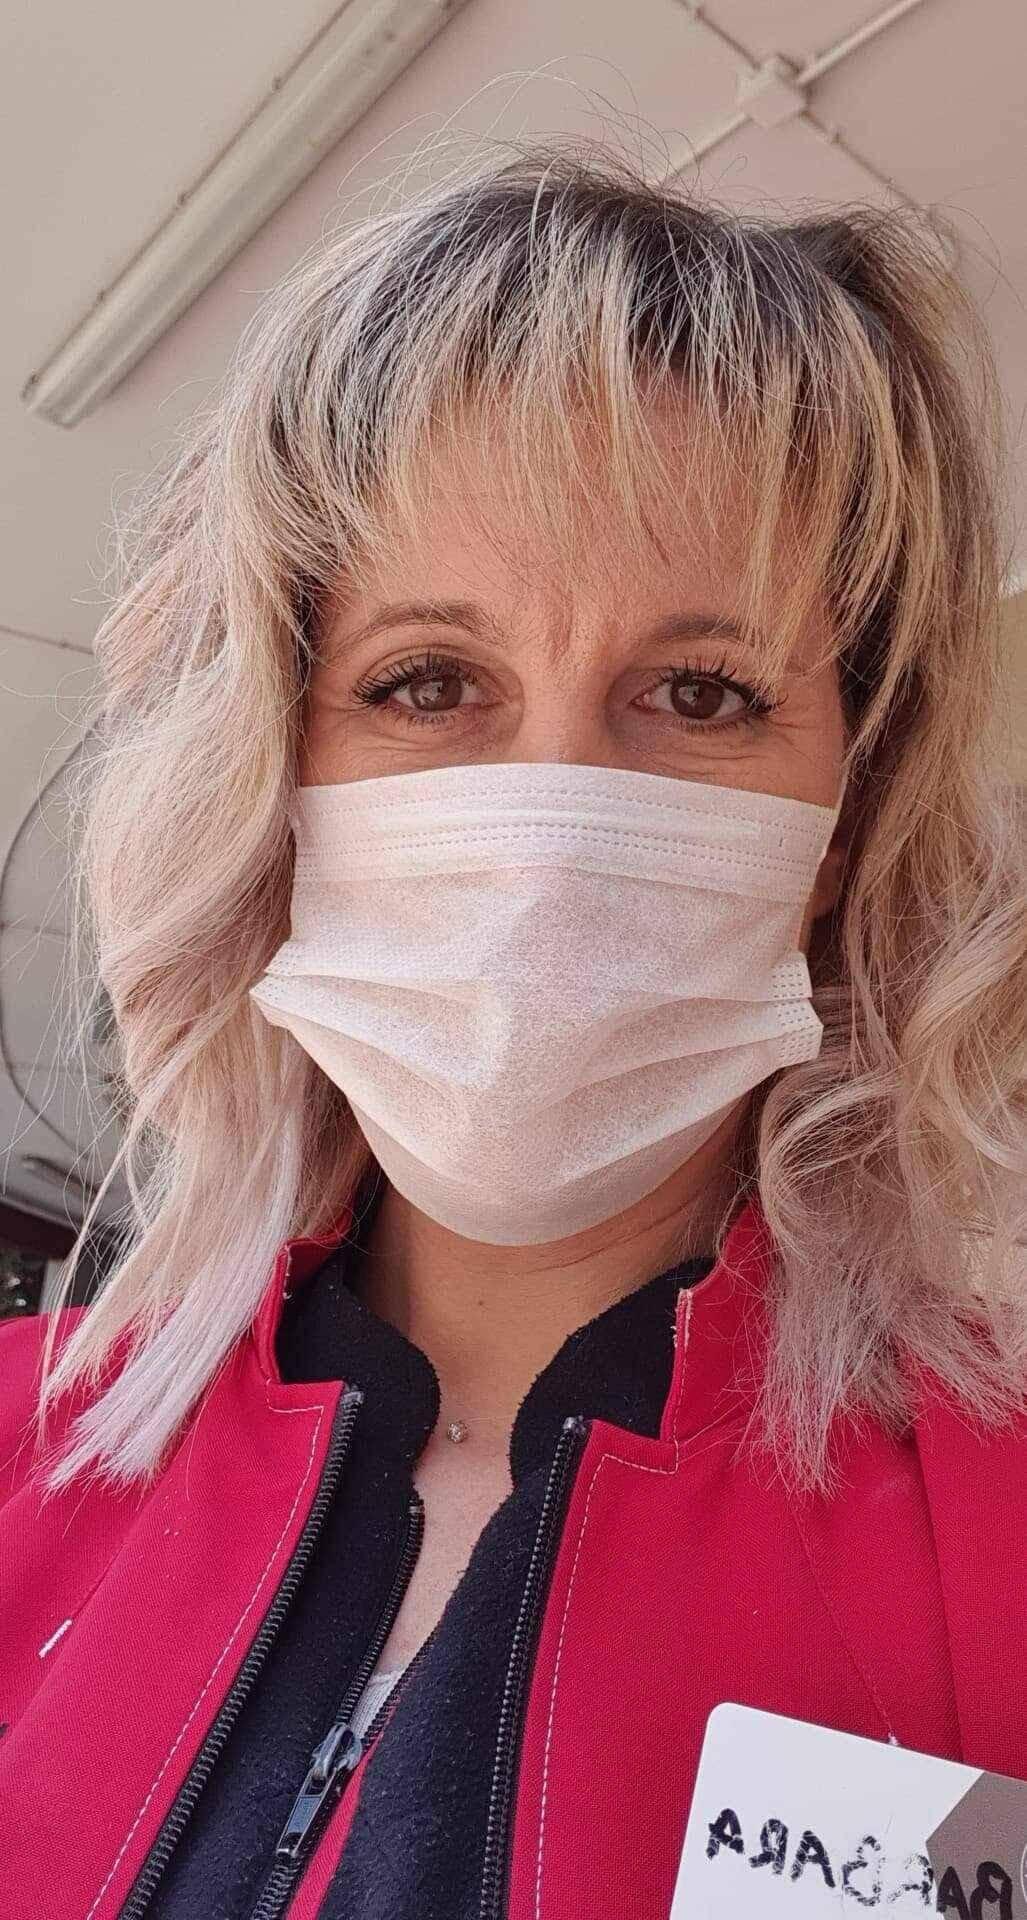 Barbara, hôtesse de caisse à Intermarché travaille tous les jours malgré « une grande fatigue psychologique ».